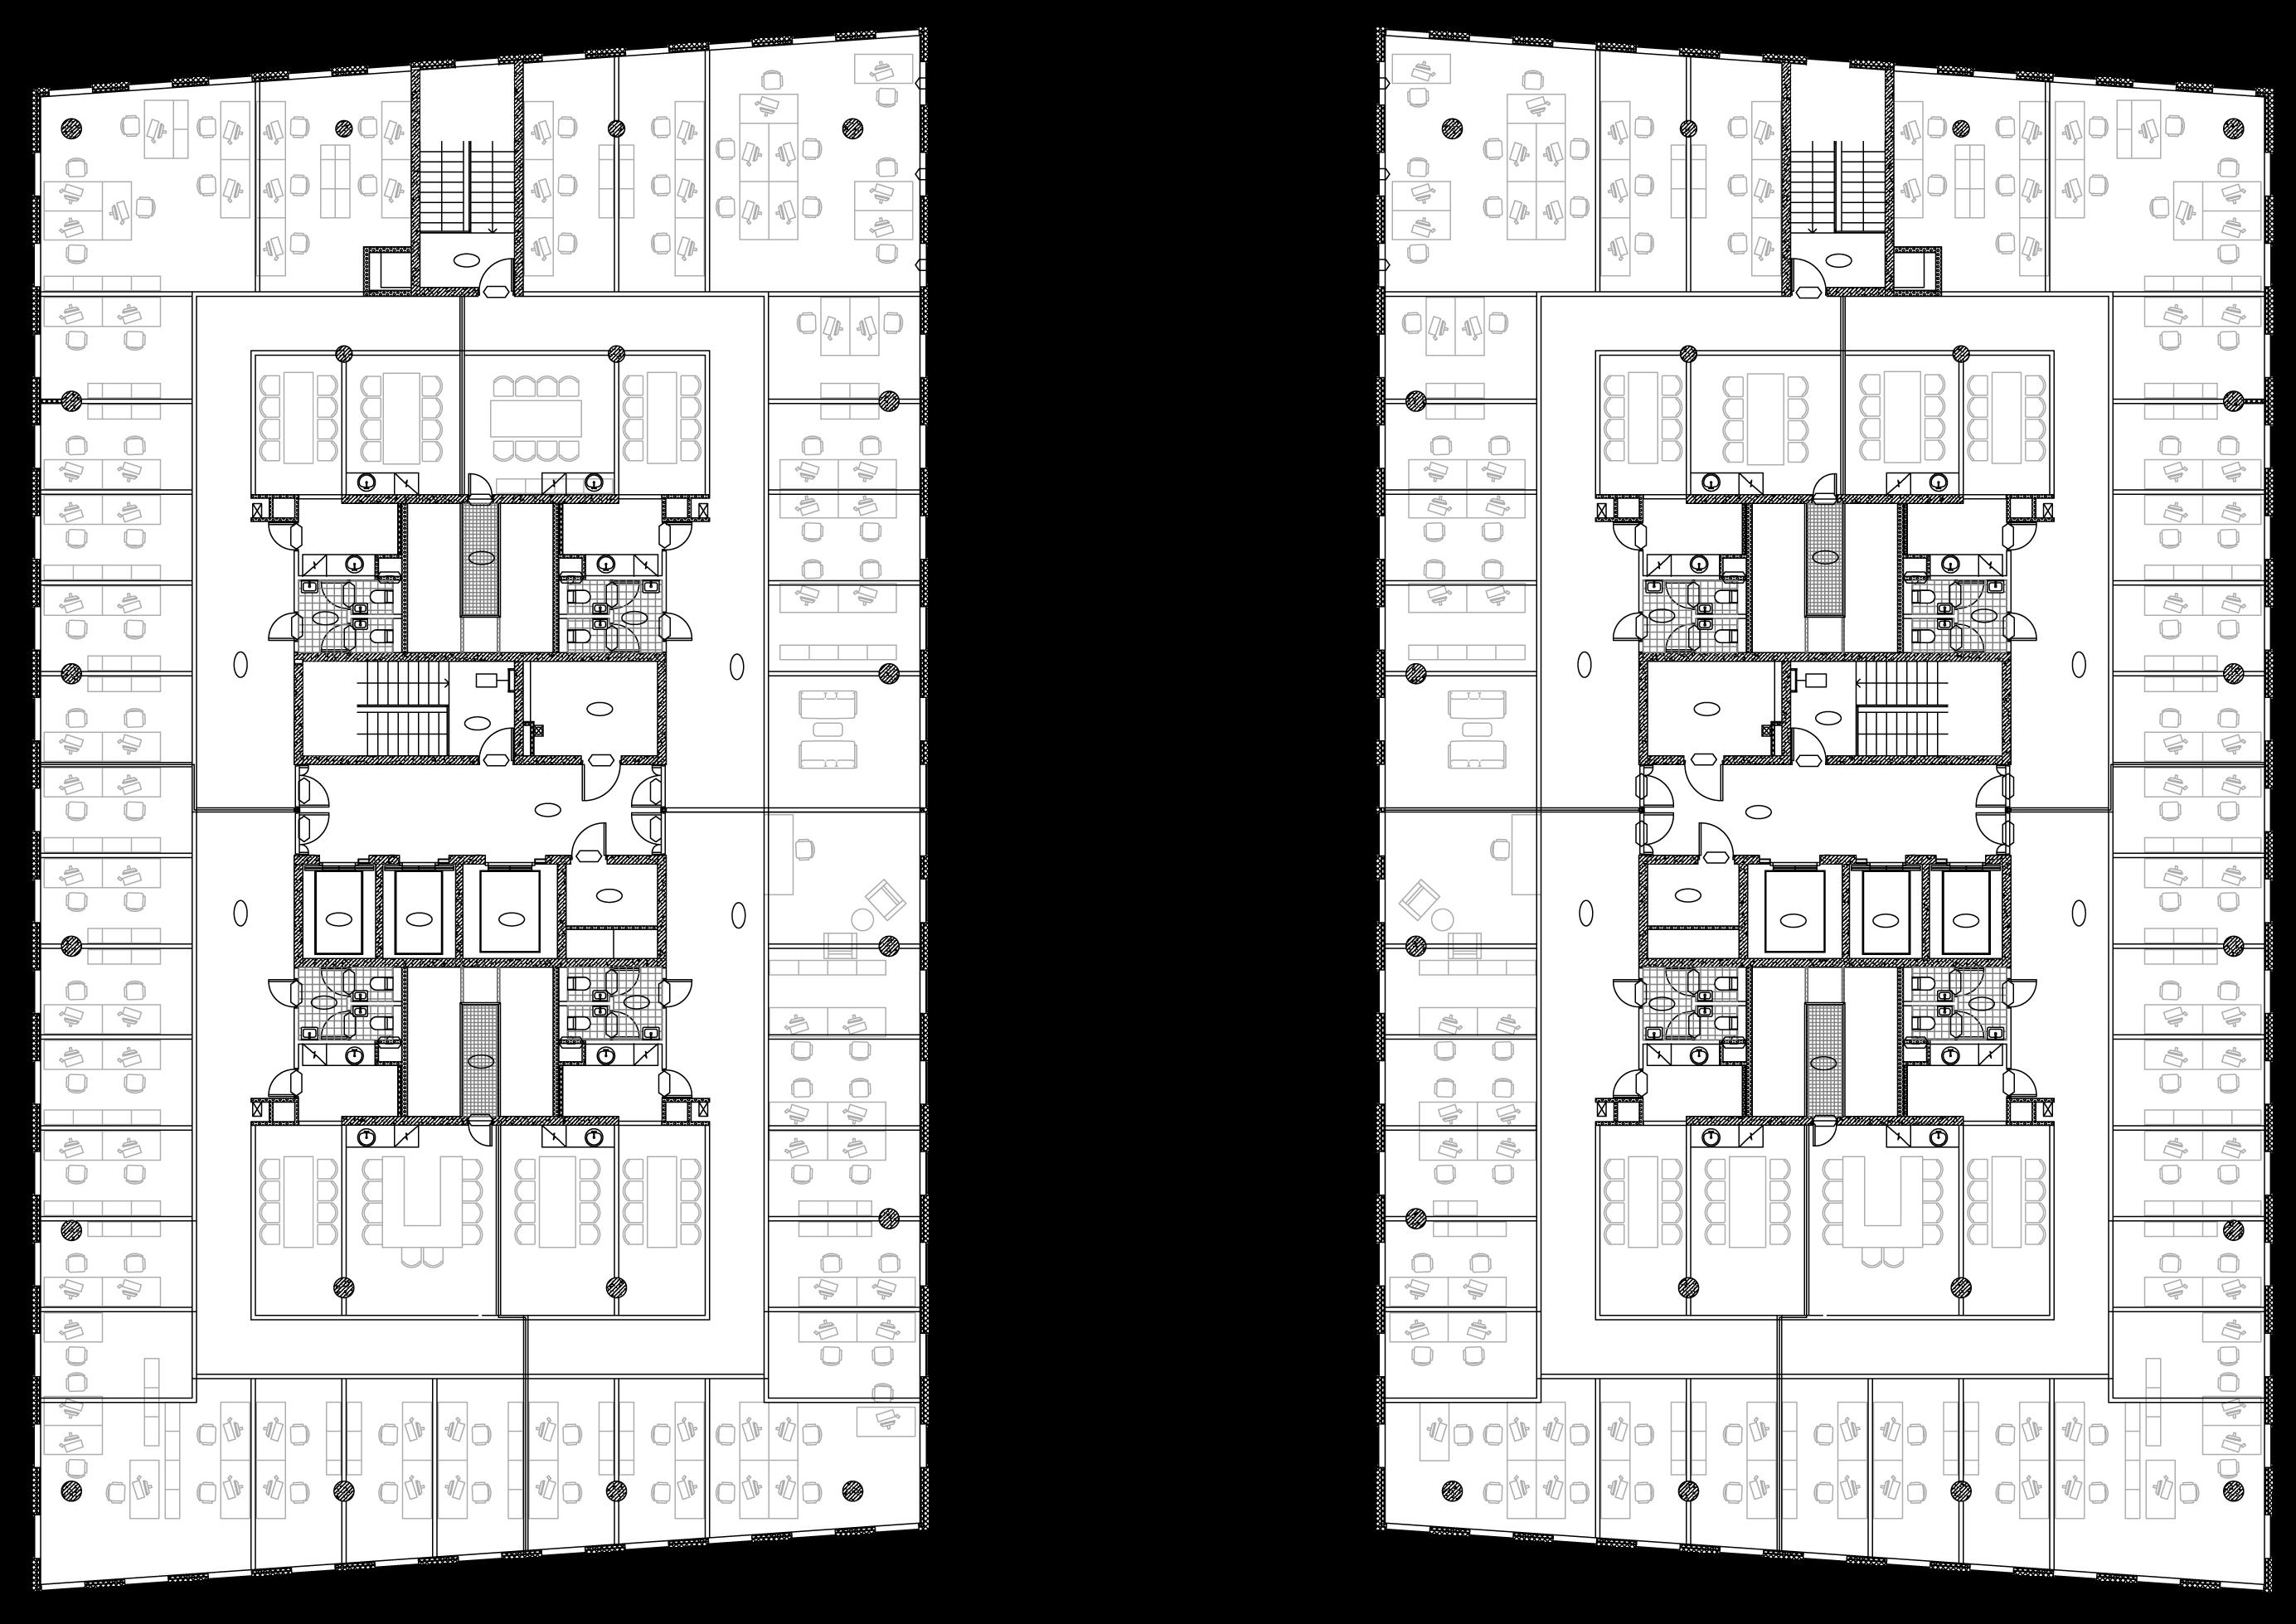 Masingu 11-12 korrus